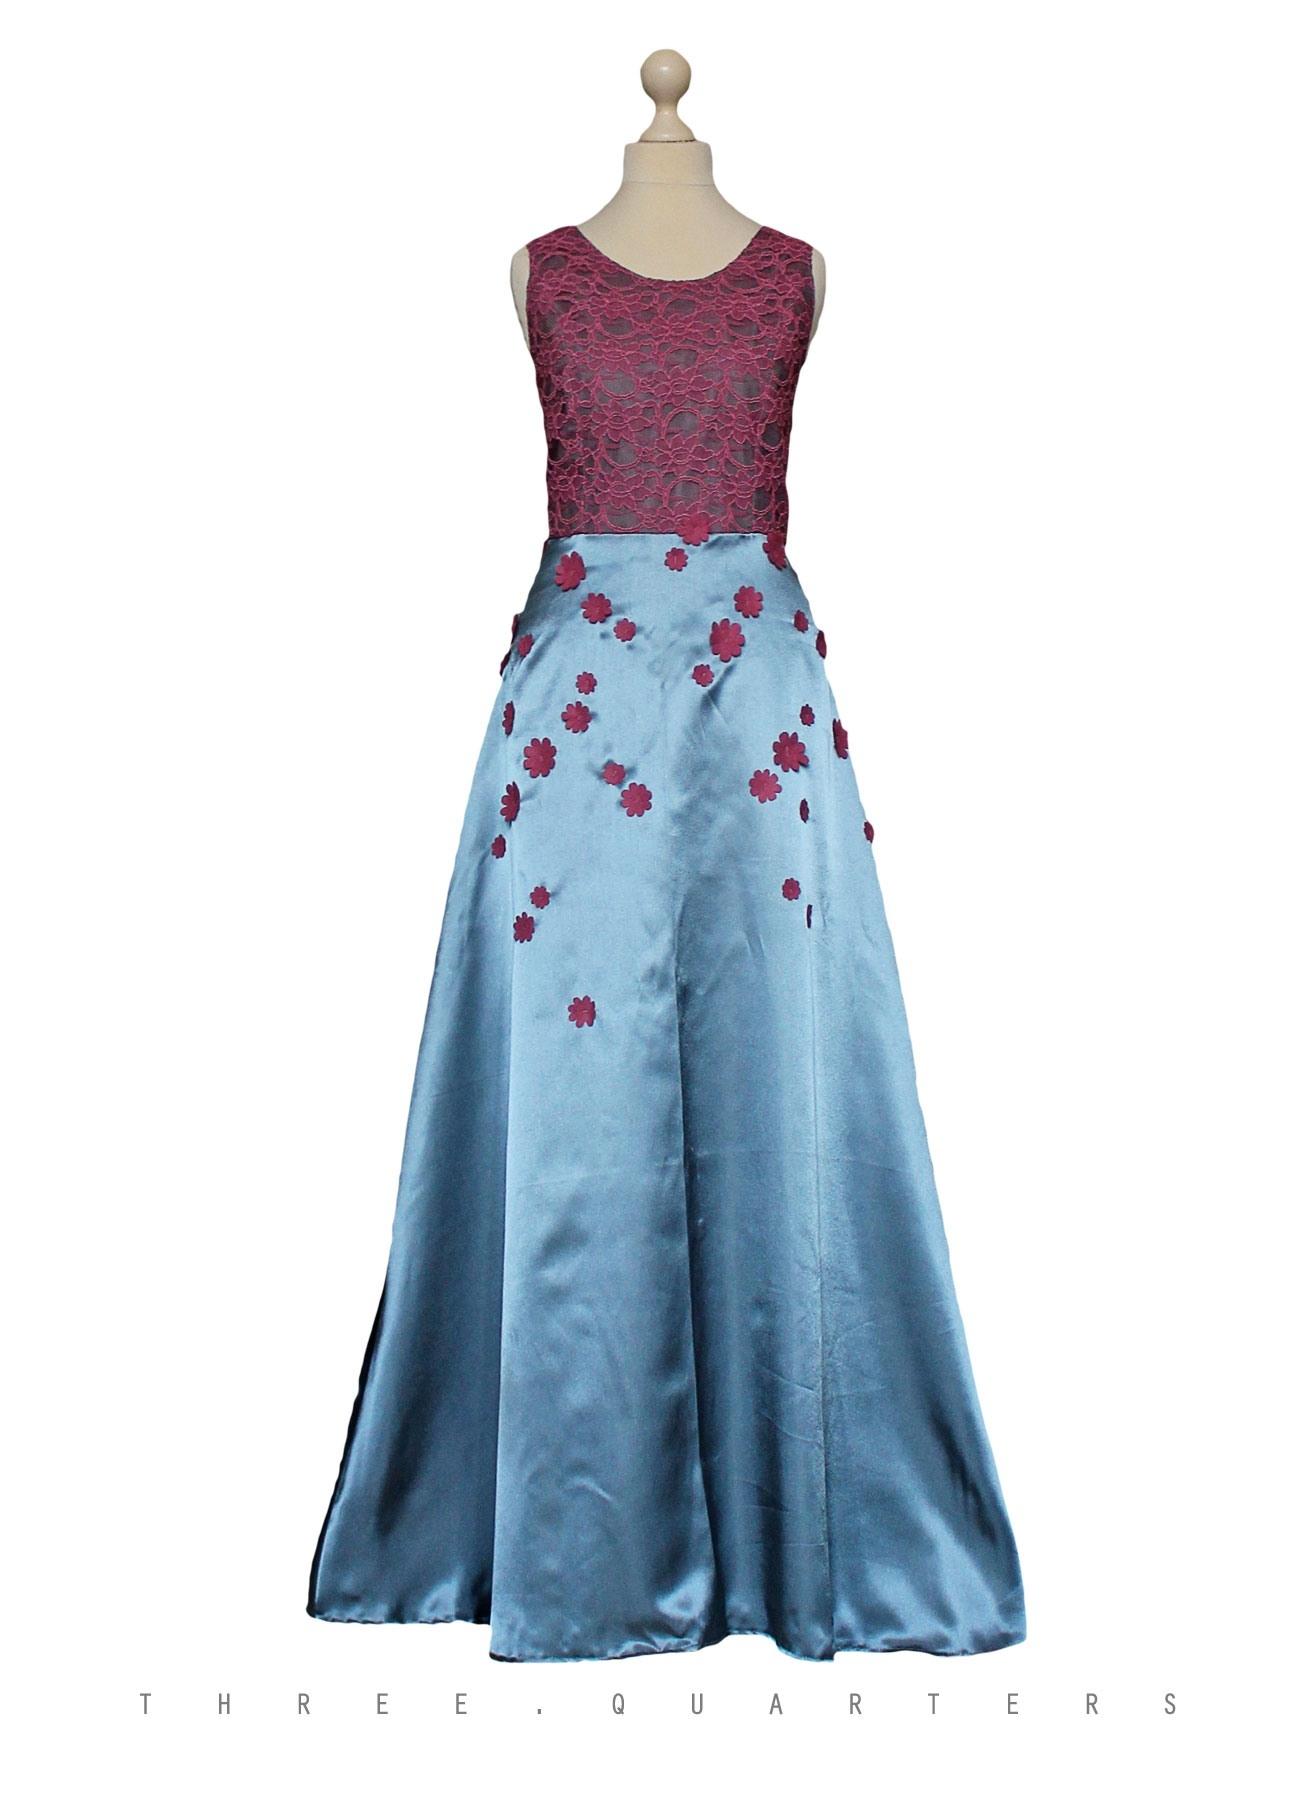 13 Luxurius Kleid Blau Mit Spitze StylishDesigner Schön Kleid Blau Mit Spitze Spezialgebiet